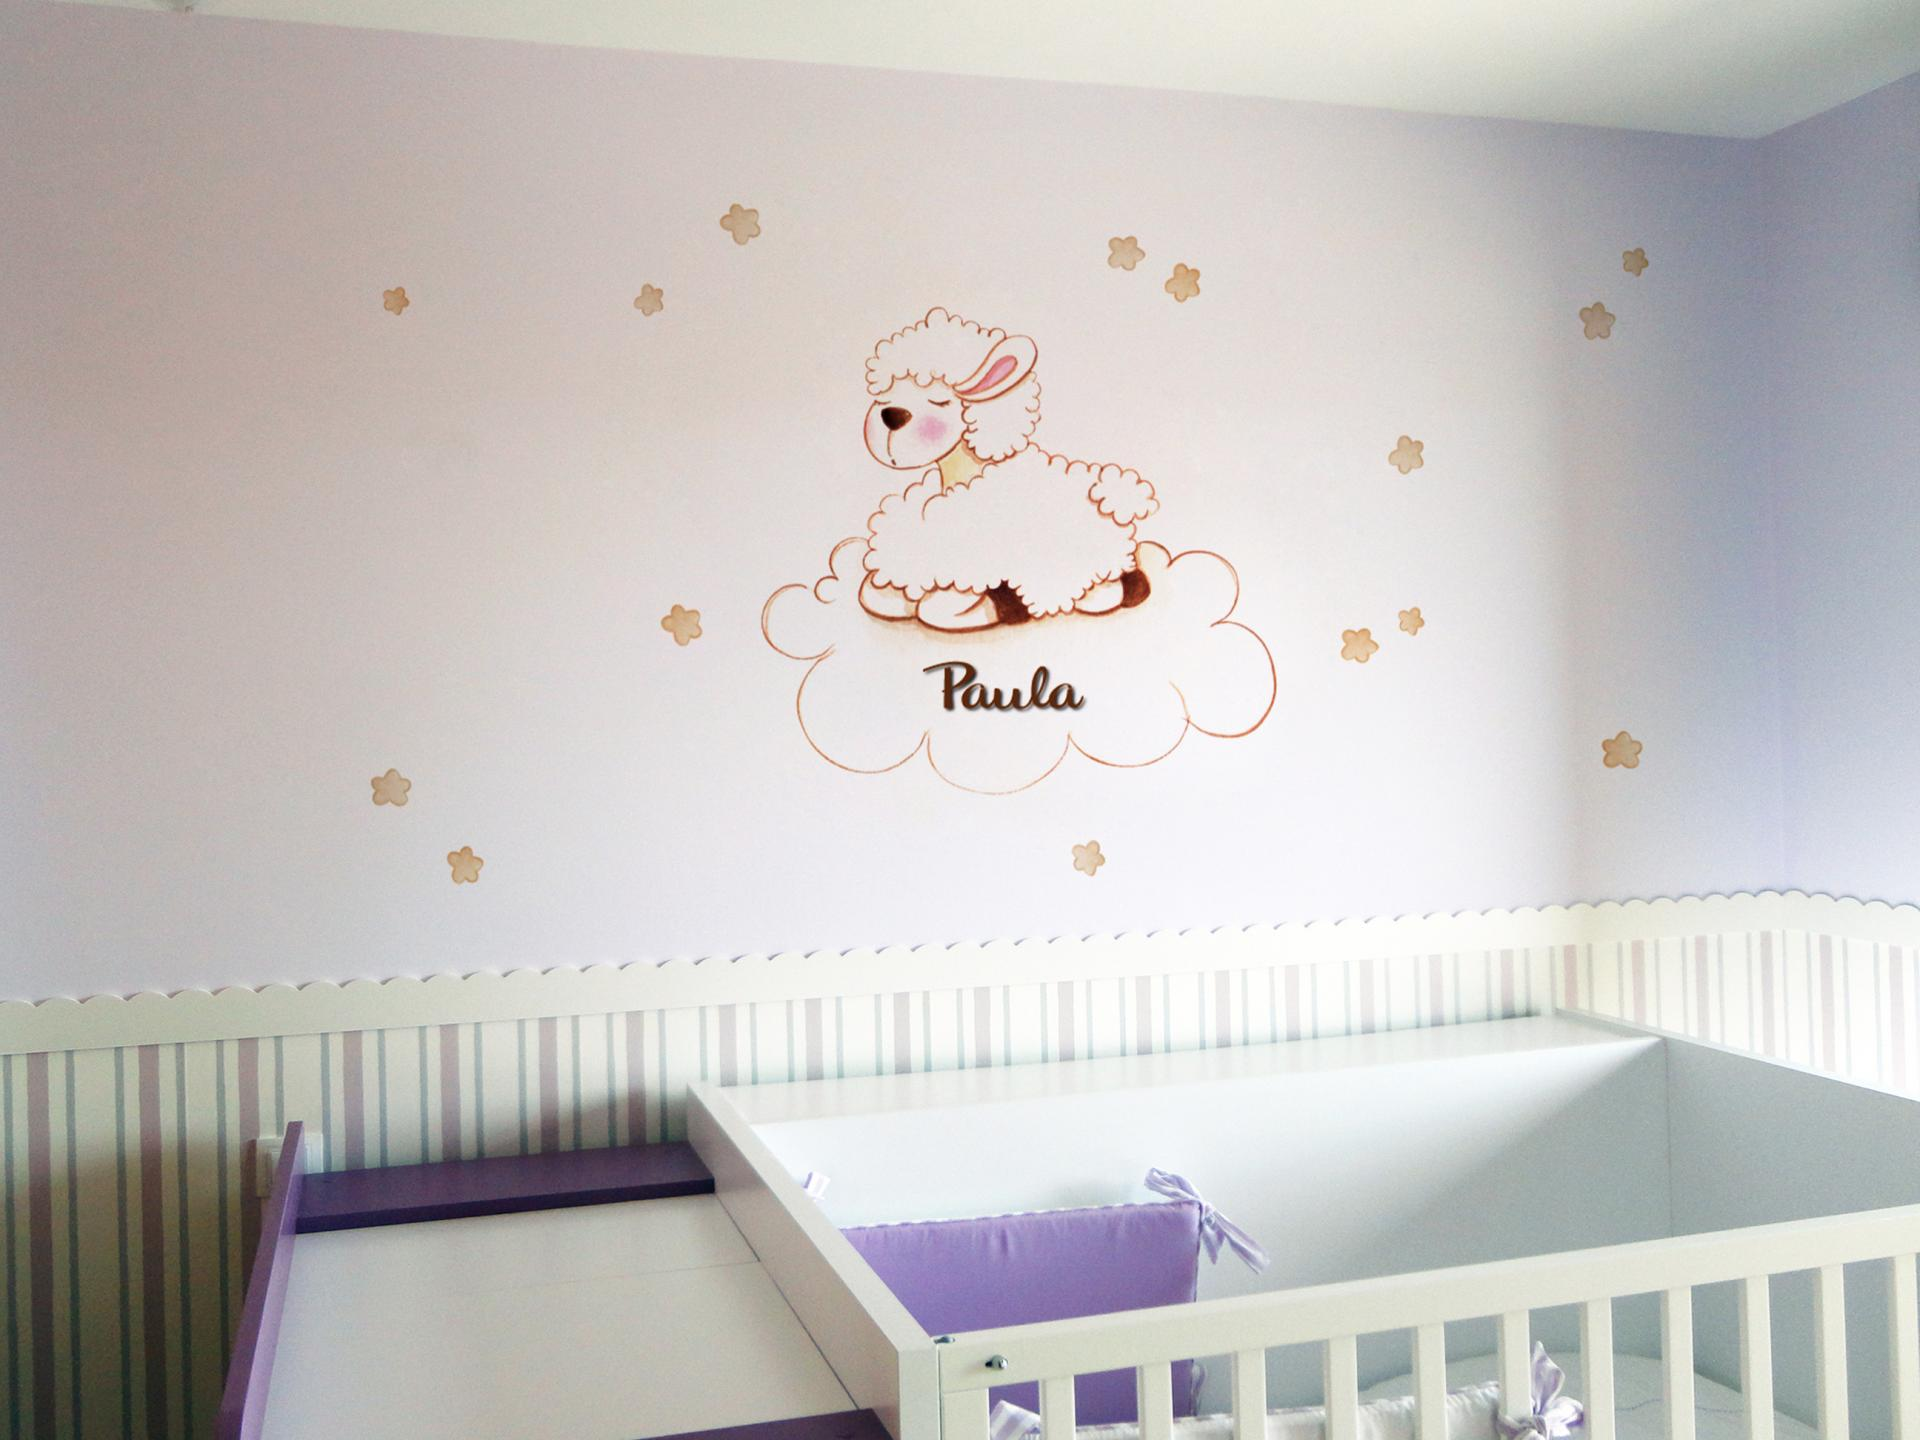 VINILO INFANTIL: Oveja en nube